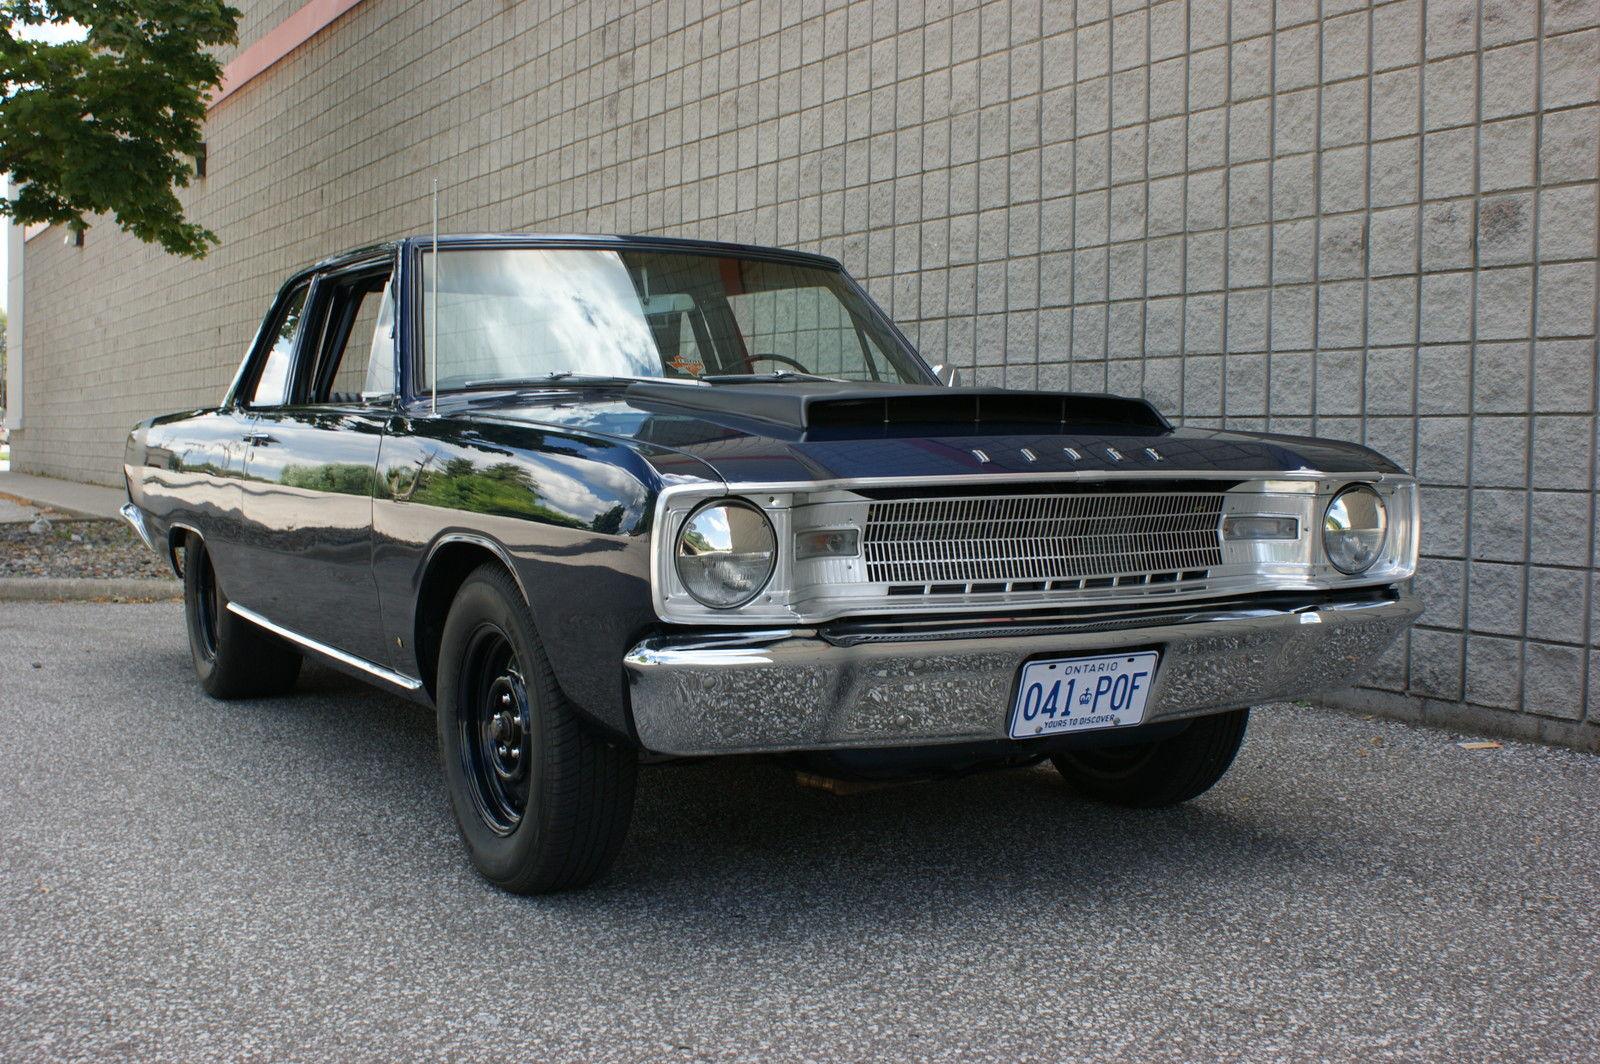 This 1967 Dodge Dart Sedan Is One Tough Looking Street Sweeper